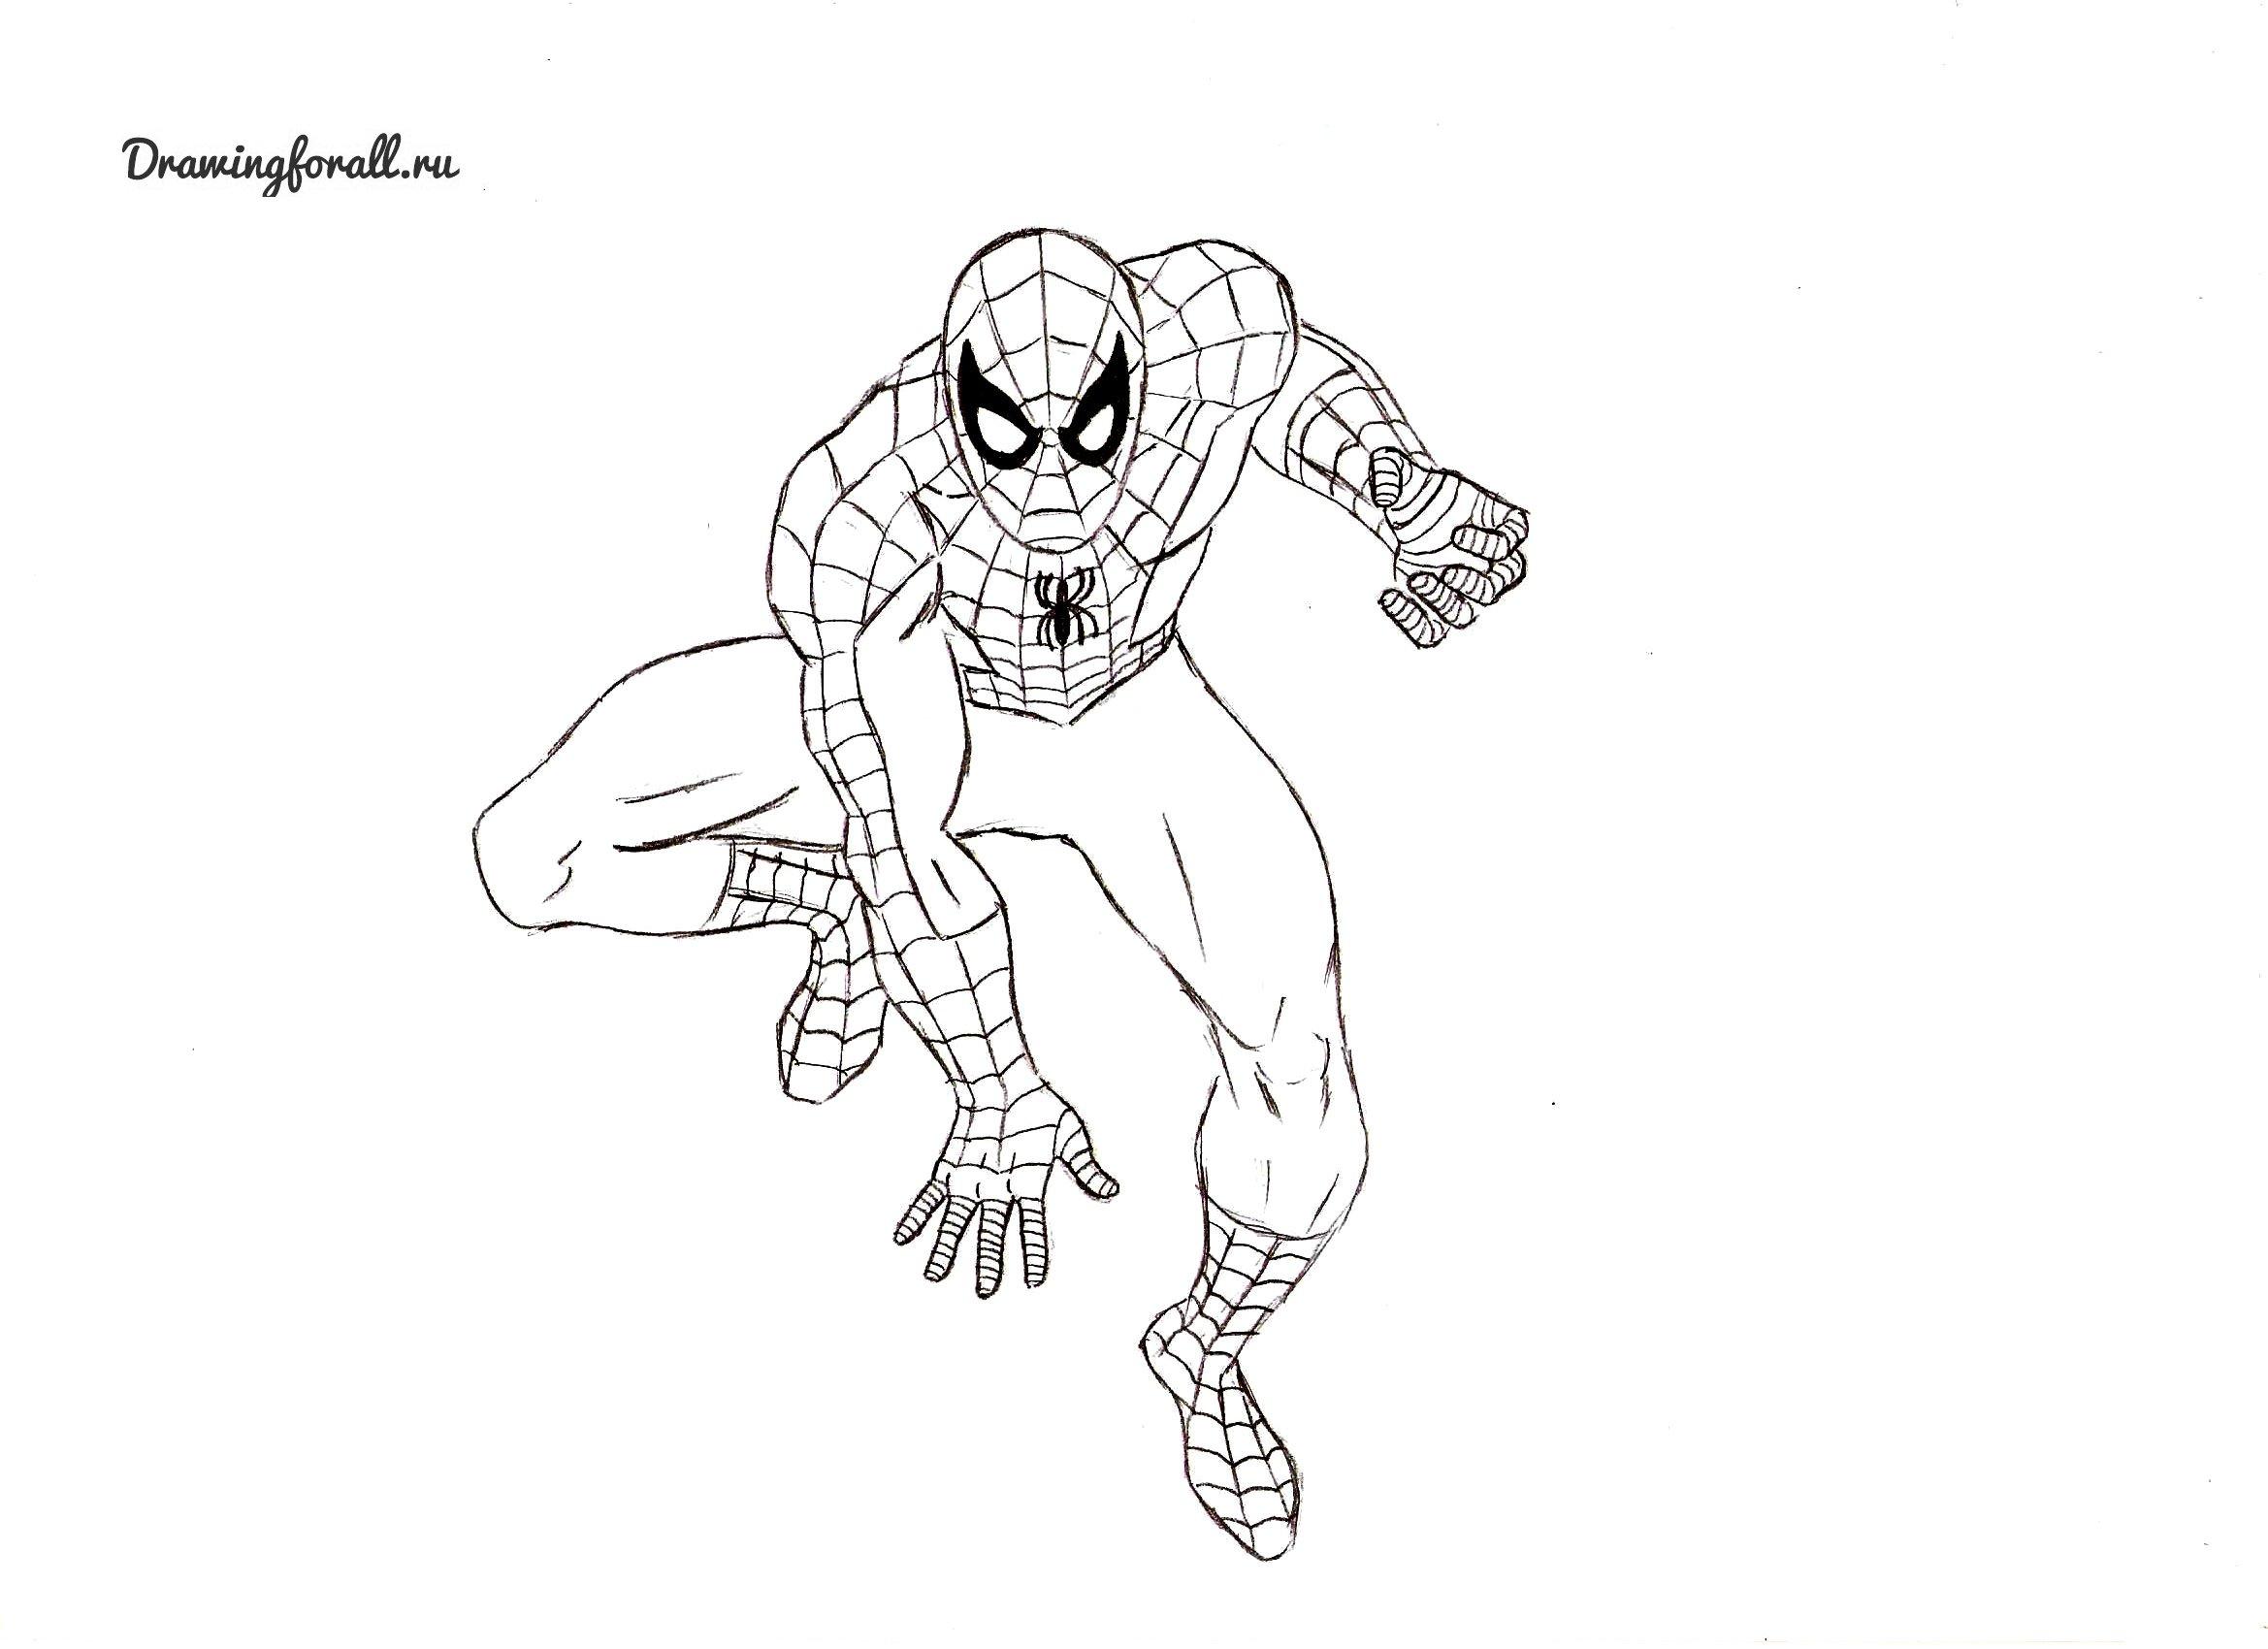 Нарисованный Человек-Паук